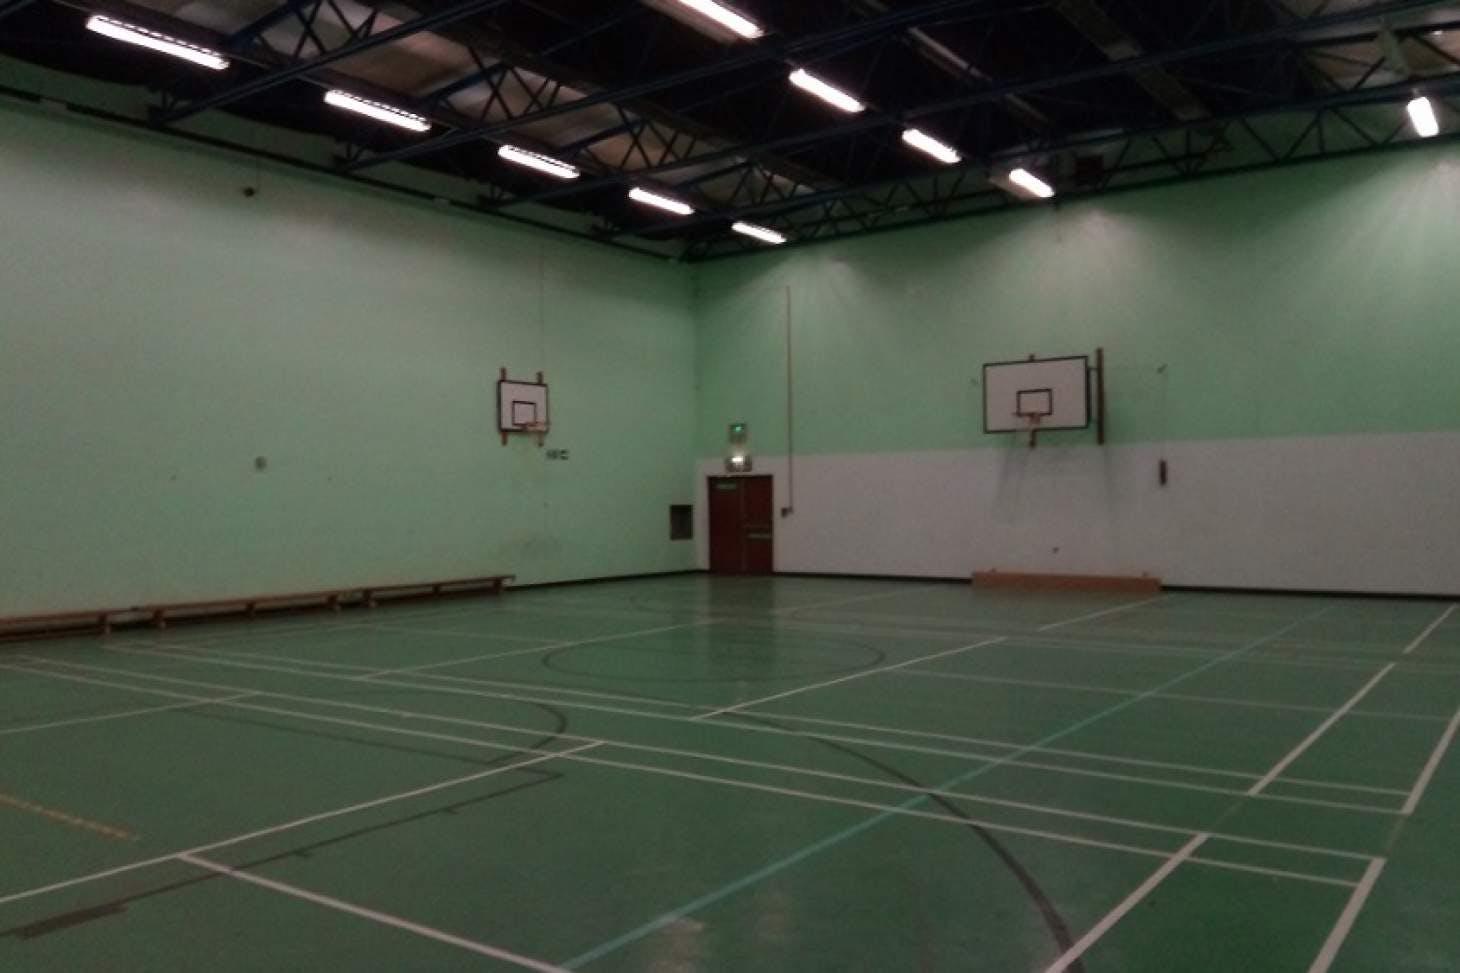 Hazelwick School Indoor | Hard badminton court